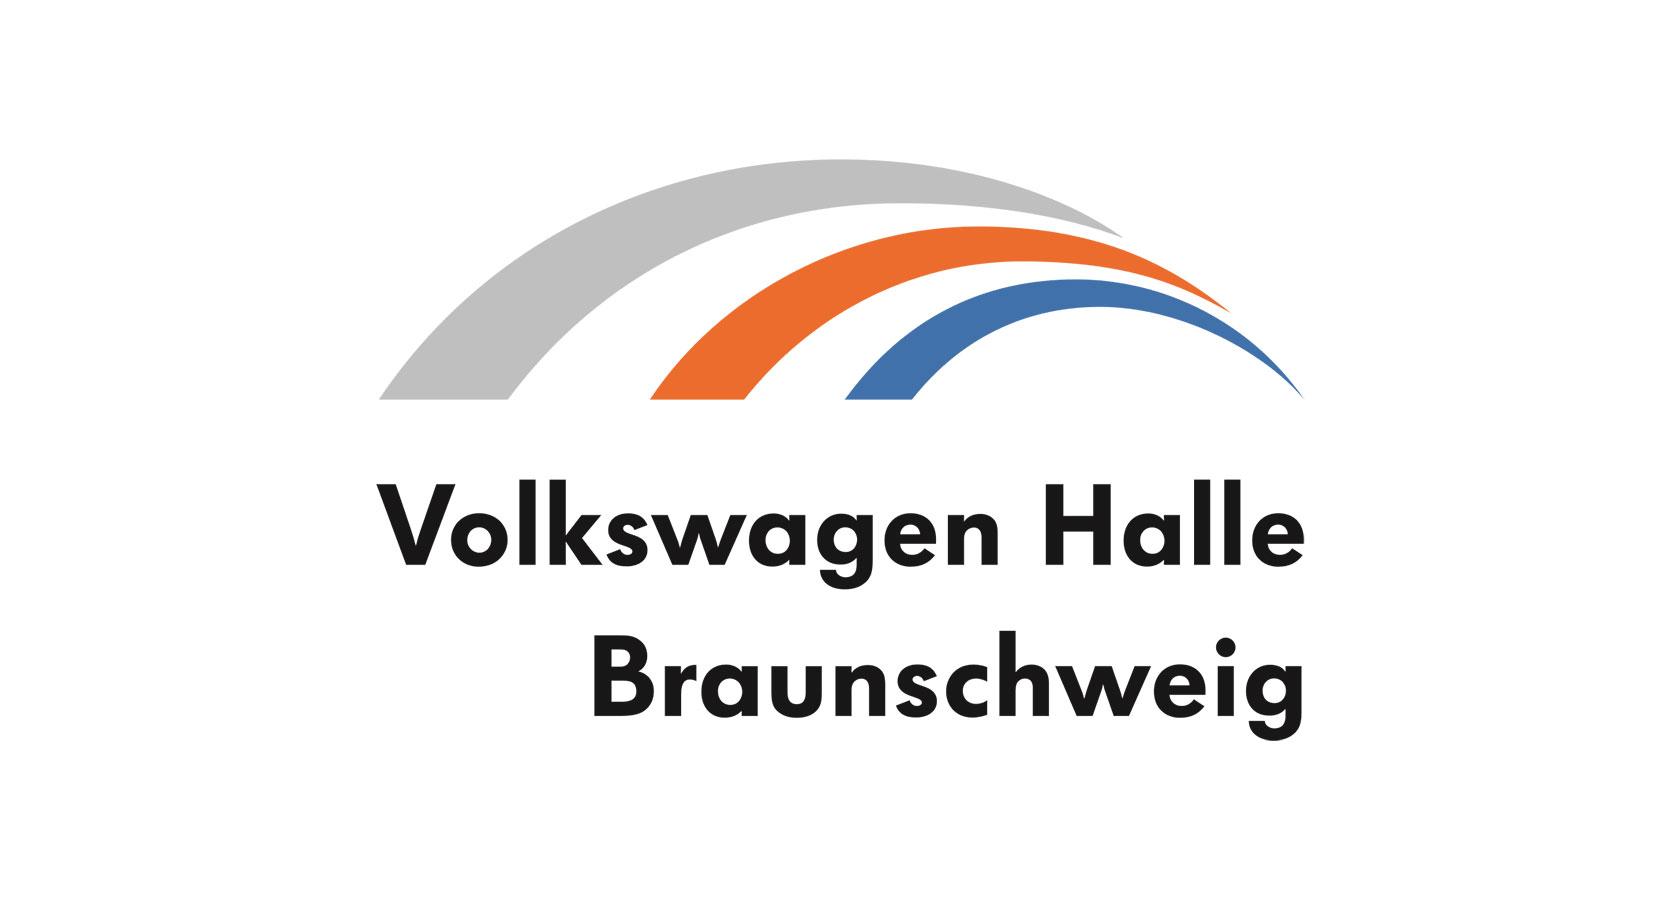 Logo der Volkswagen Halle Braunschweig